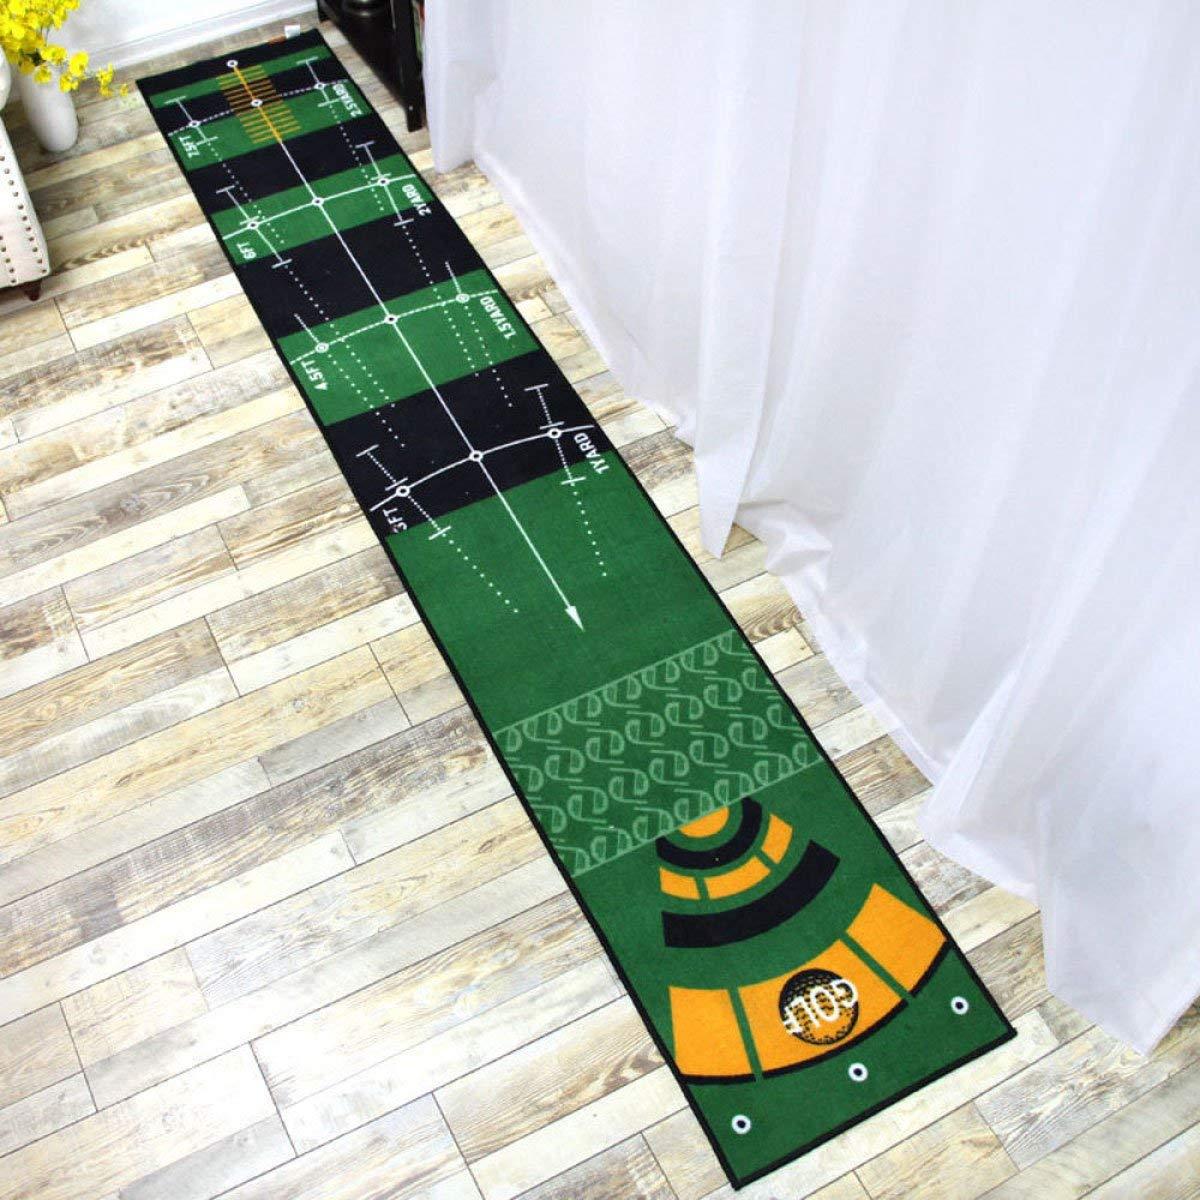 ゴルフマットホームランチパッドゴルフ練習用マット - リアルなフェアウェイを組み合わせたミニゴルフマット、500×3000mm   B07N2RLMHR